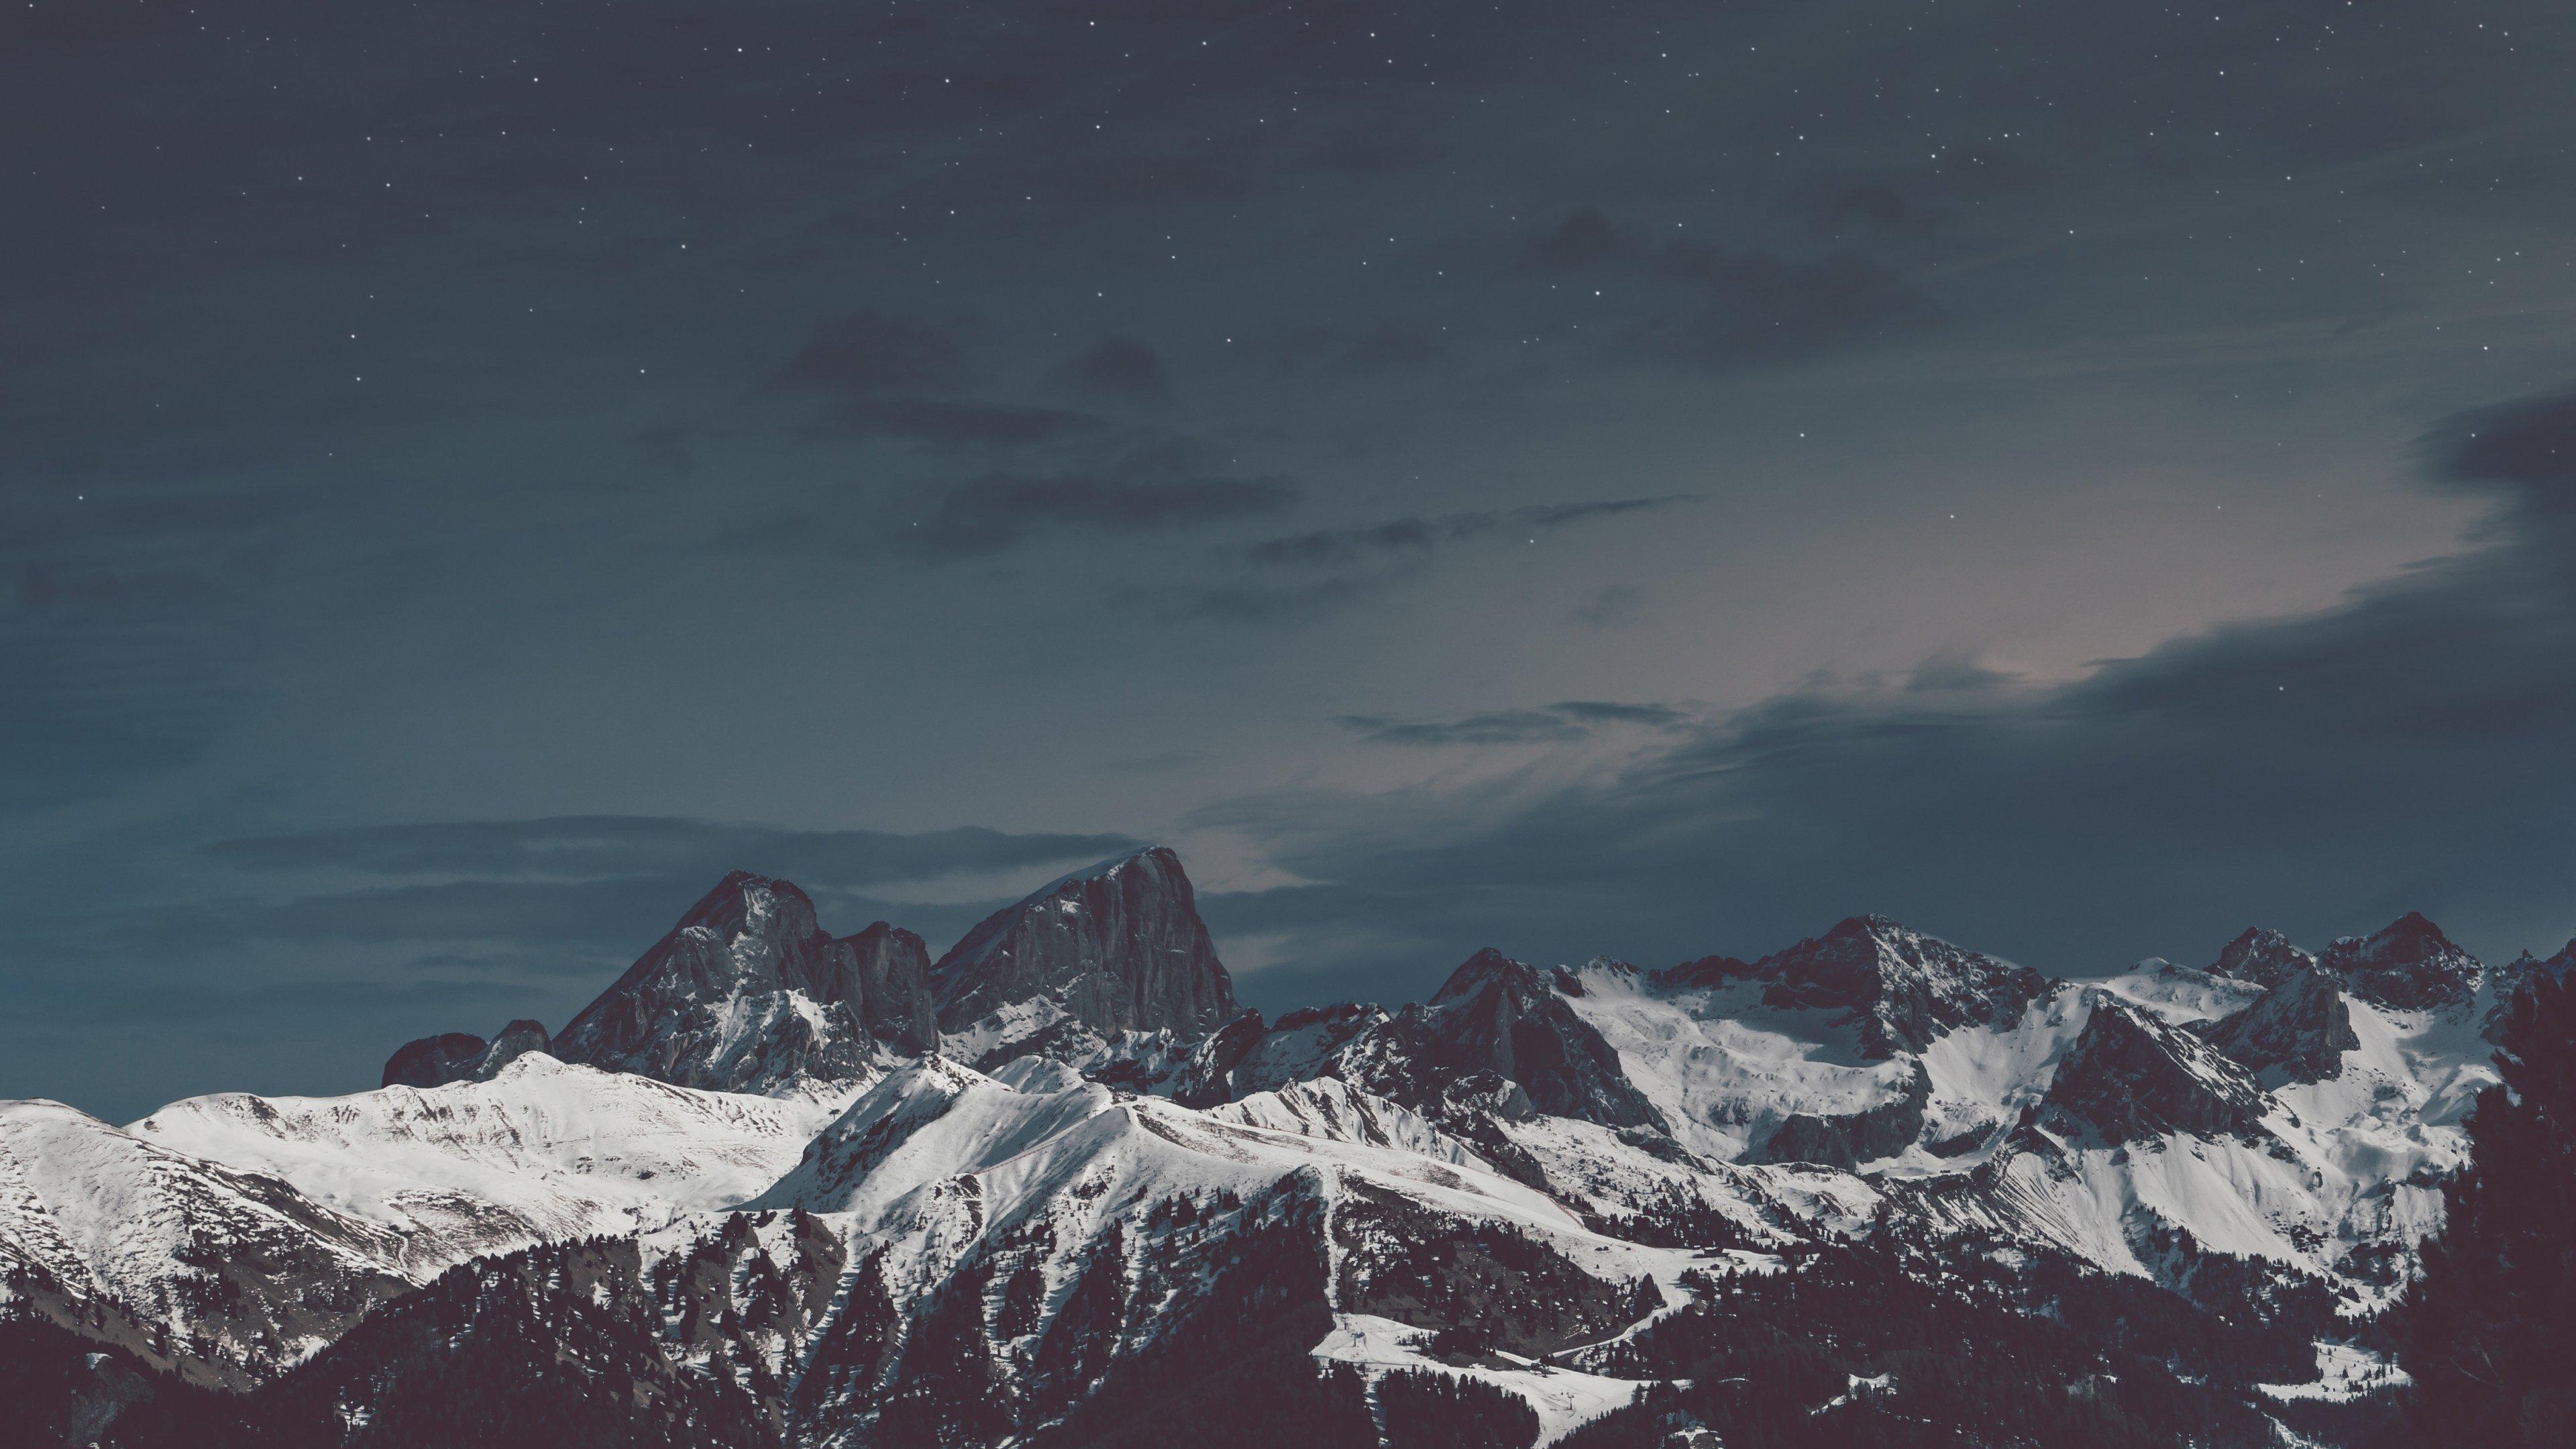 Fondos de pantalla Montañas nevadas